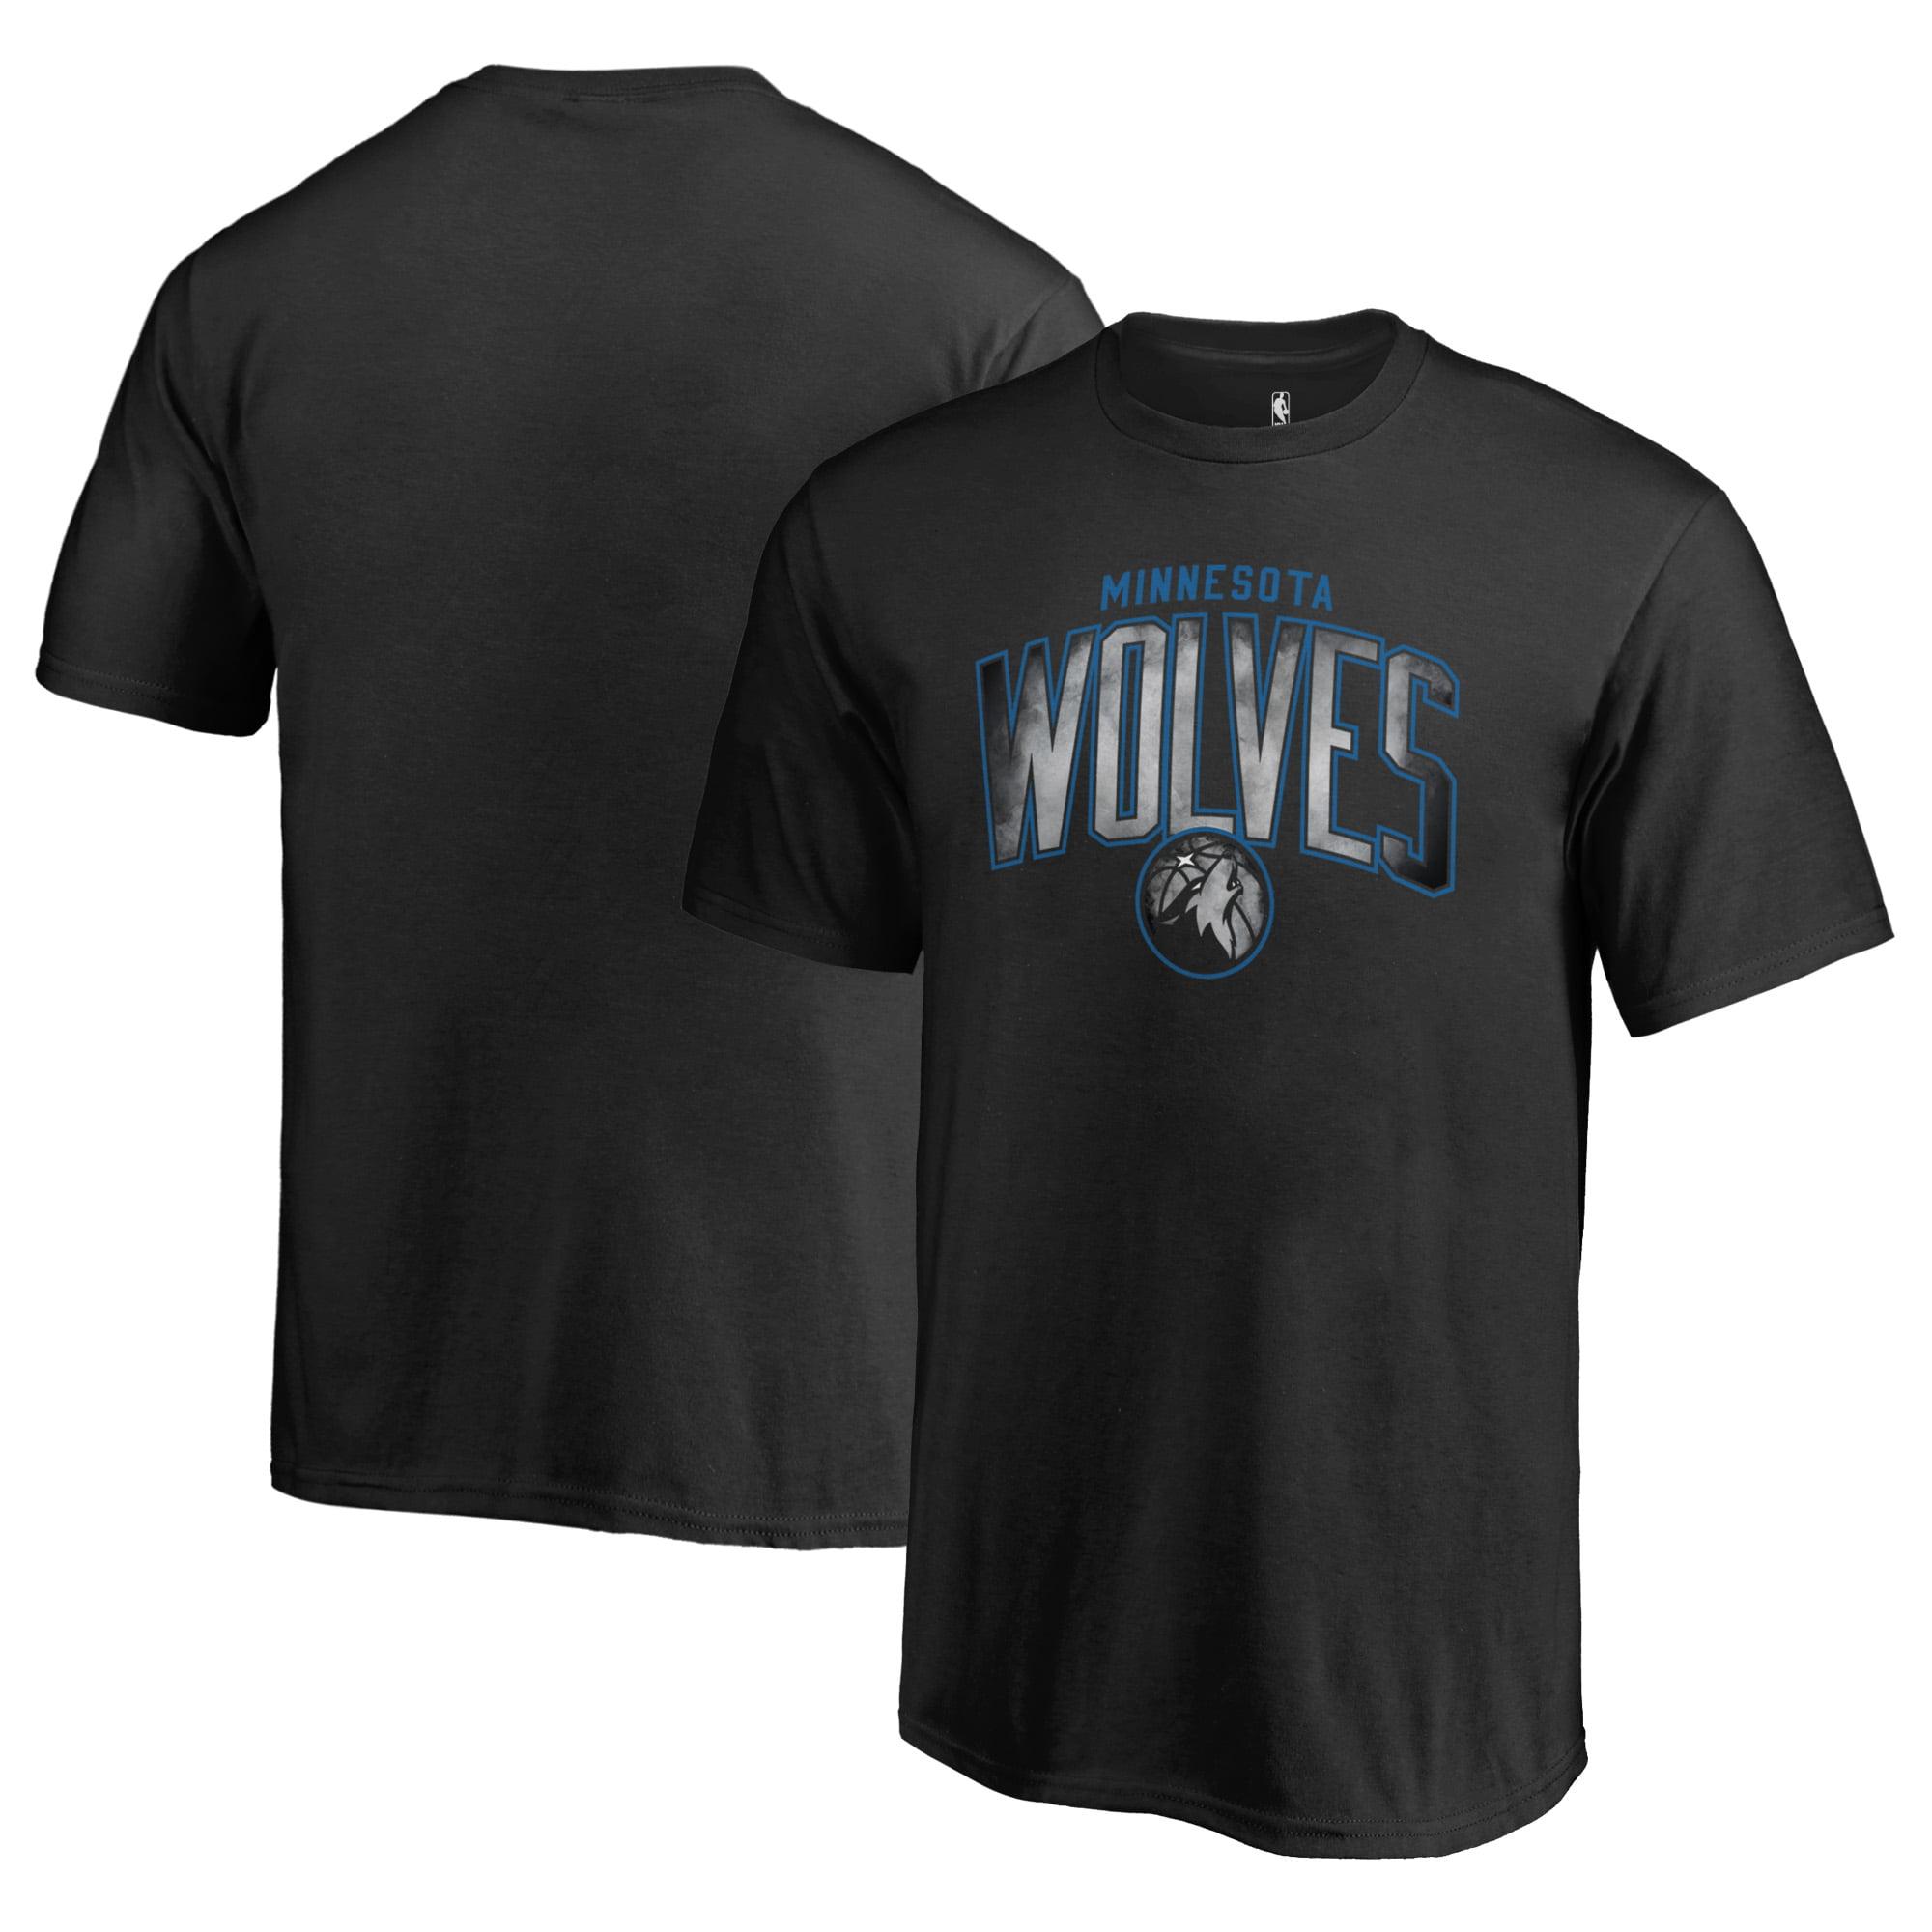 Minnesota Timberwolves Fanatics Branded Youth Arch Smoke T-Shirt - Black